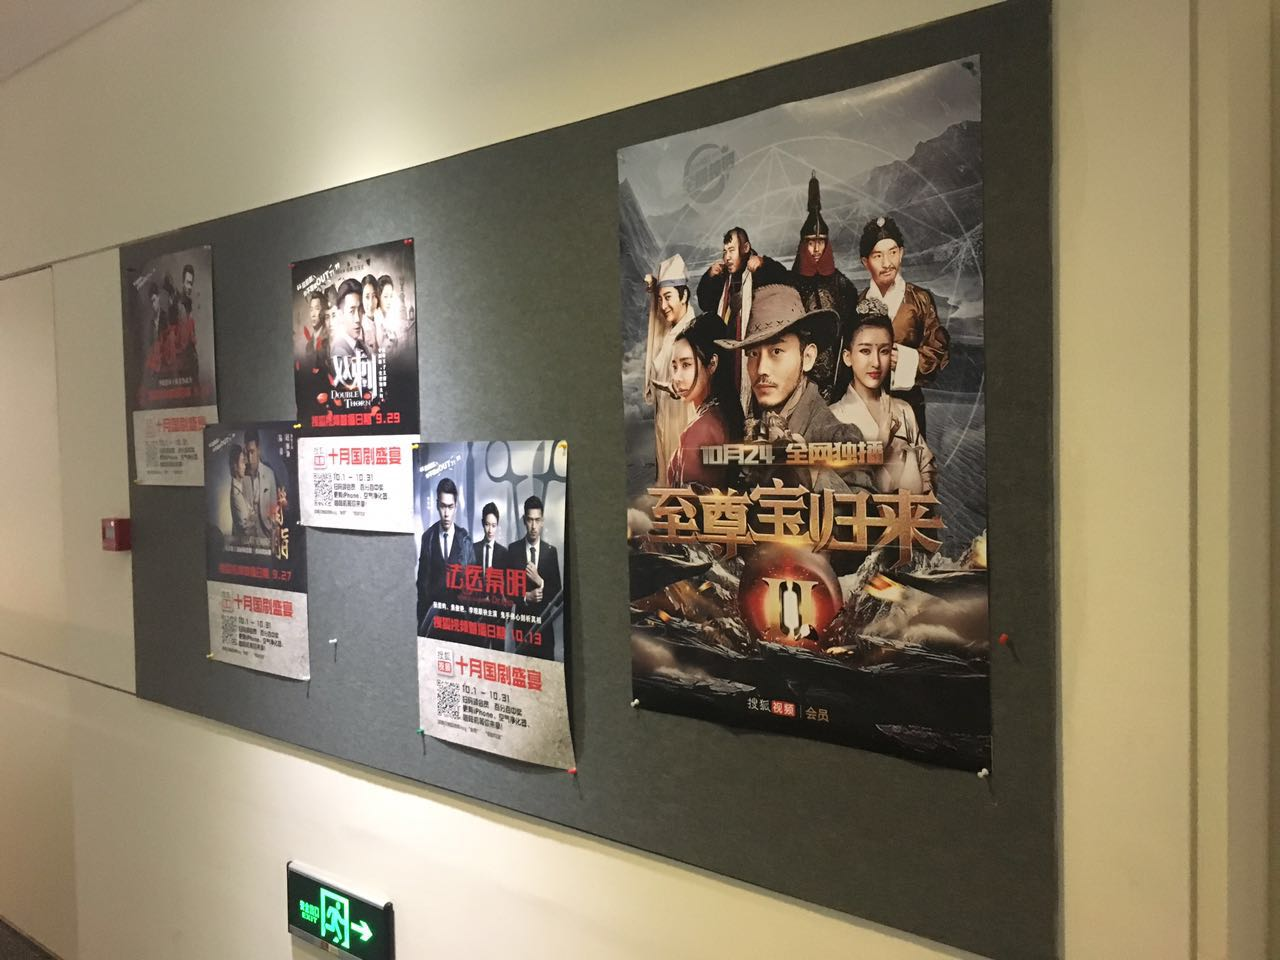 搜狐内部通告栏张贴海报